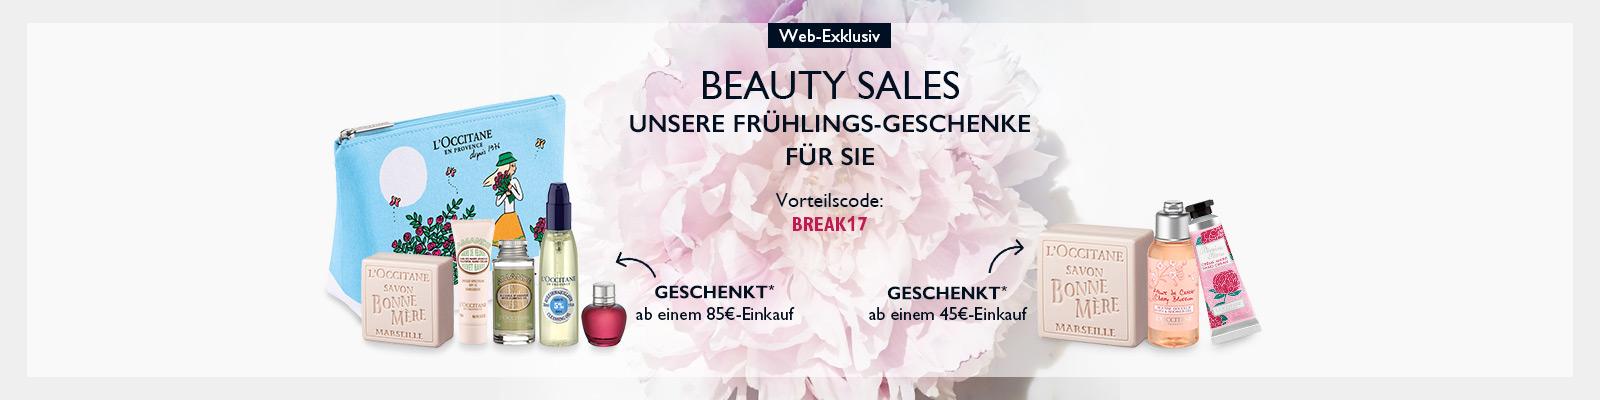 GWP Beauty Sales